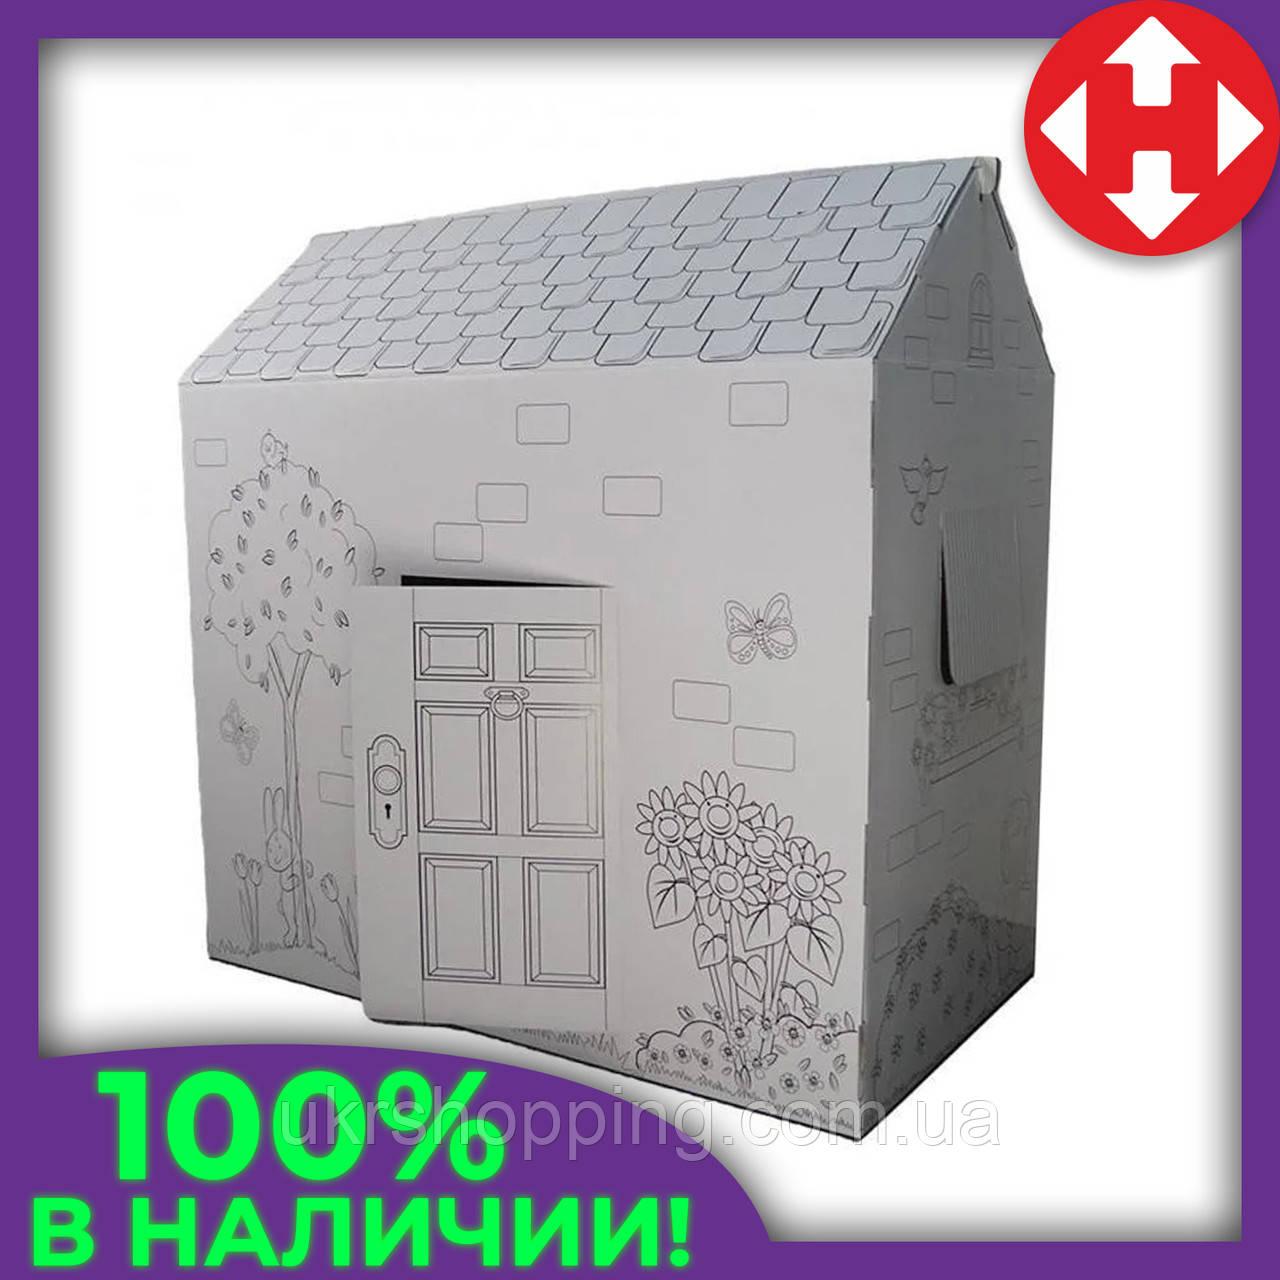 Раскраска домик, 94х100х56 см. Дерево и цветы, это, картонный домик, для детей. Доставим по Украине